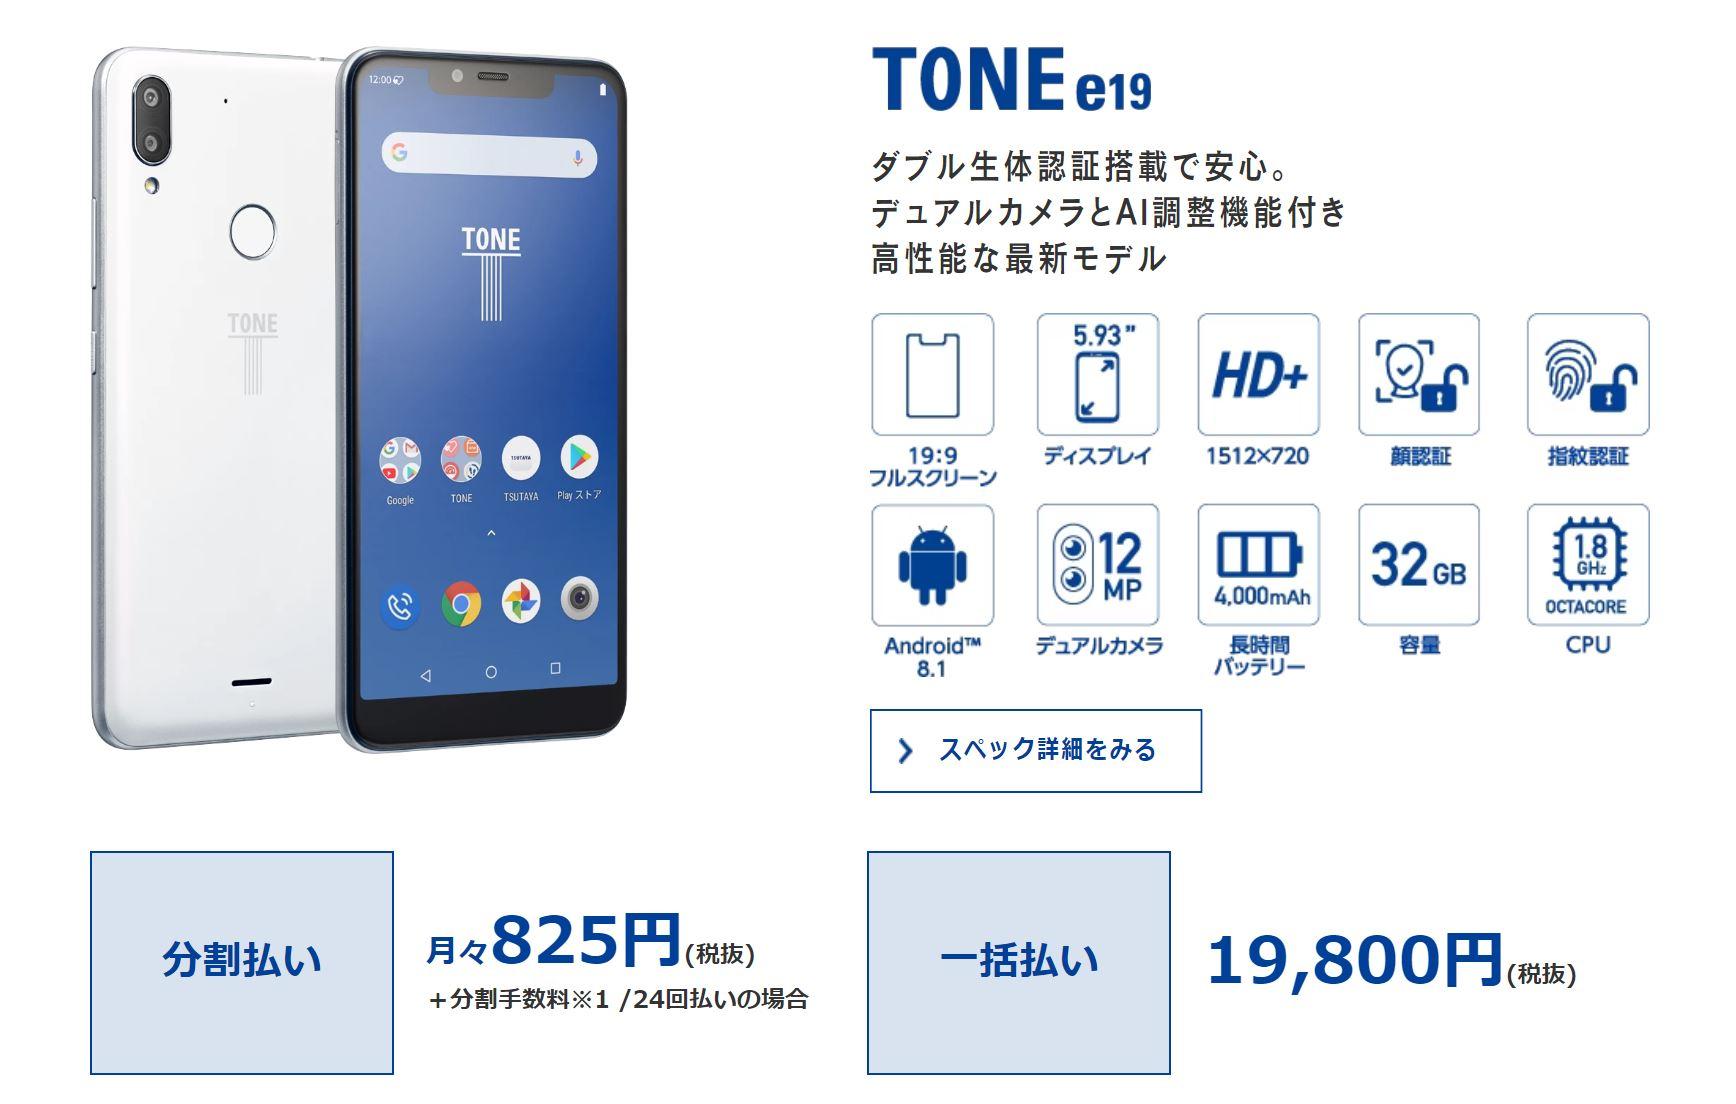 トーンモバイルのTONE e19のスペック&端末価格